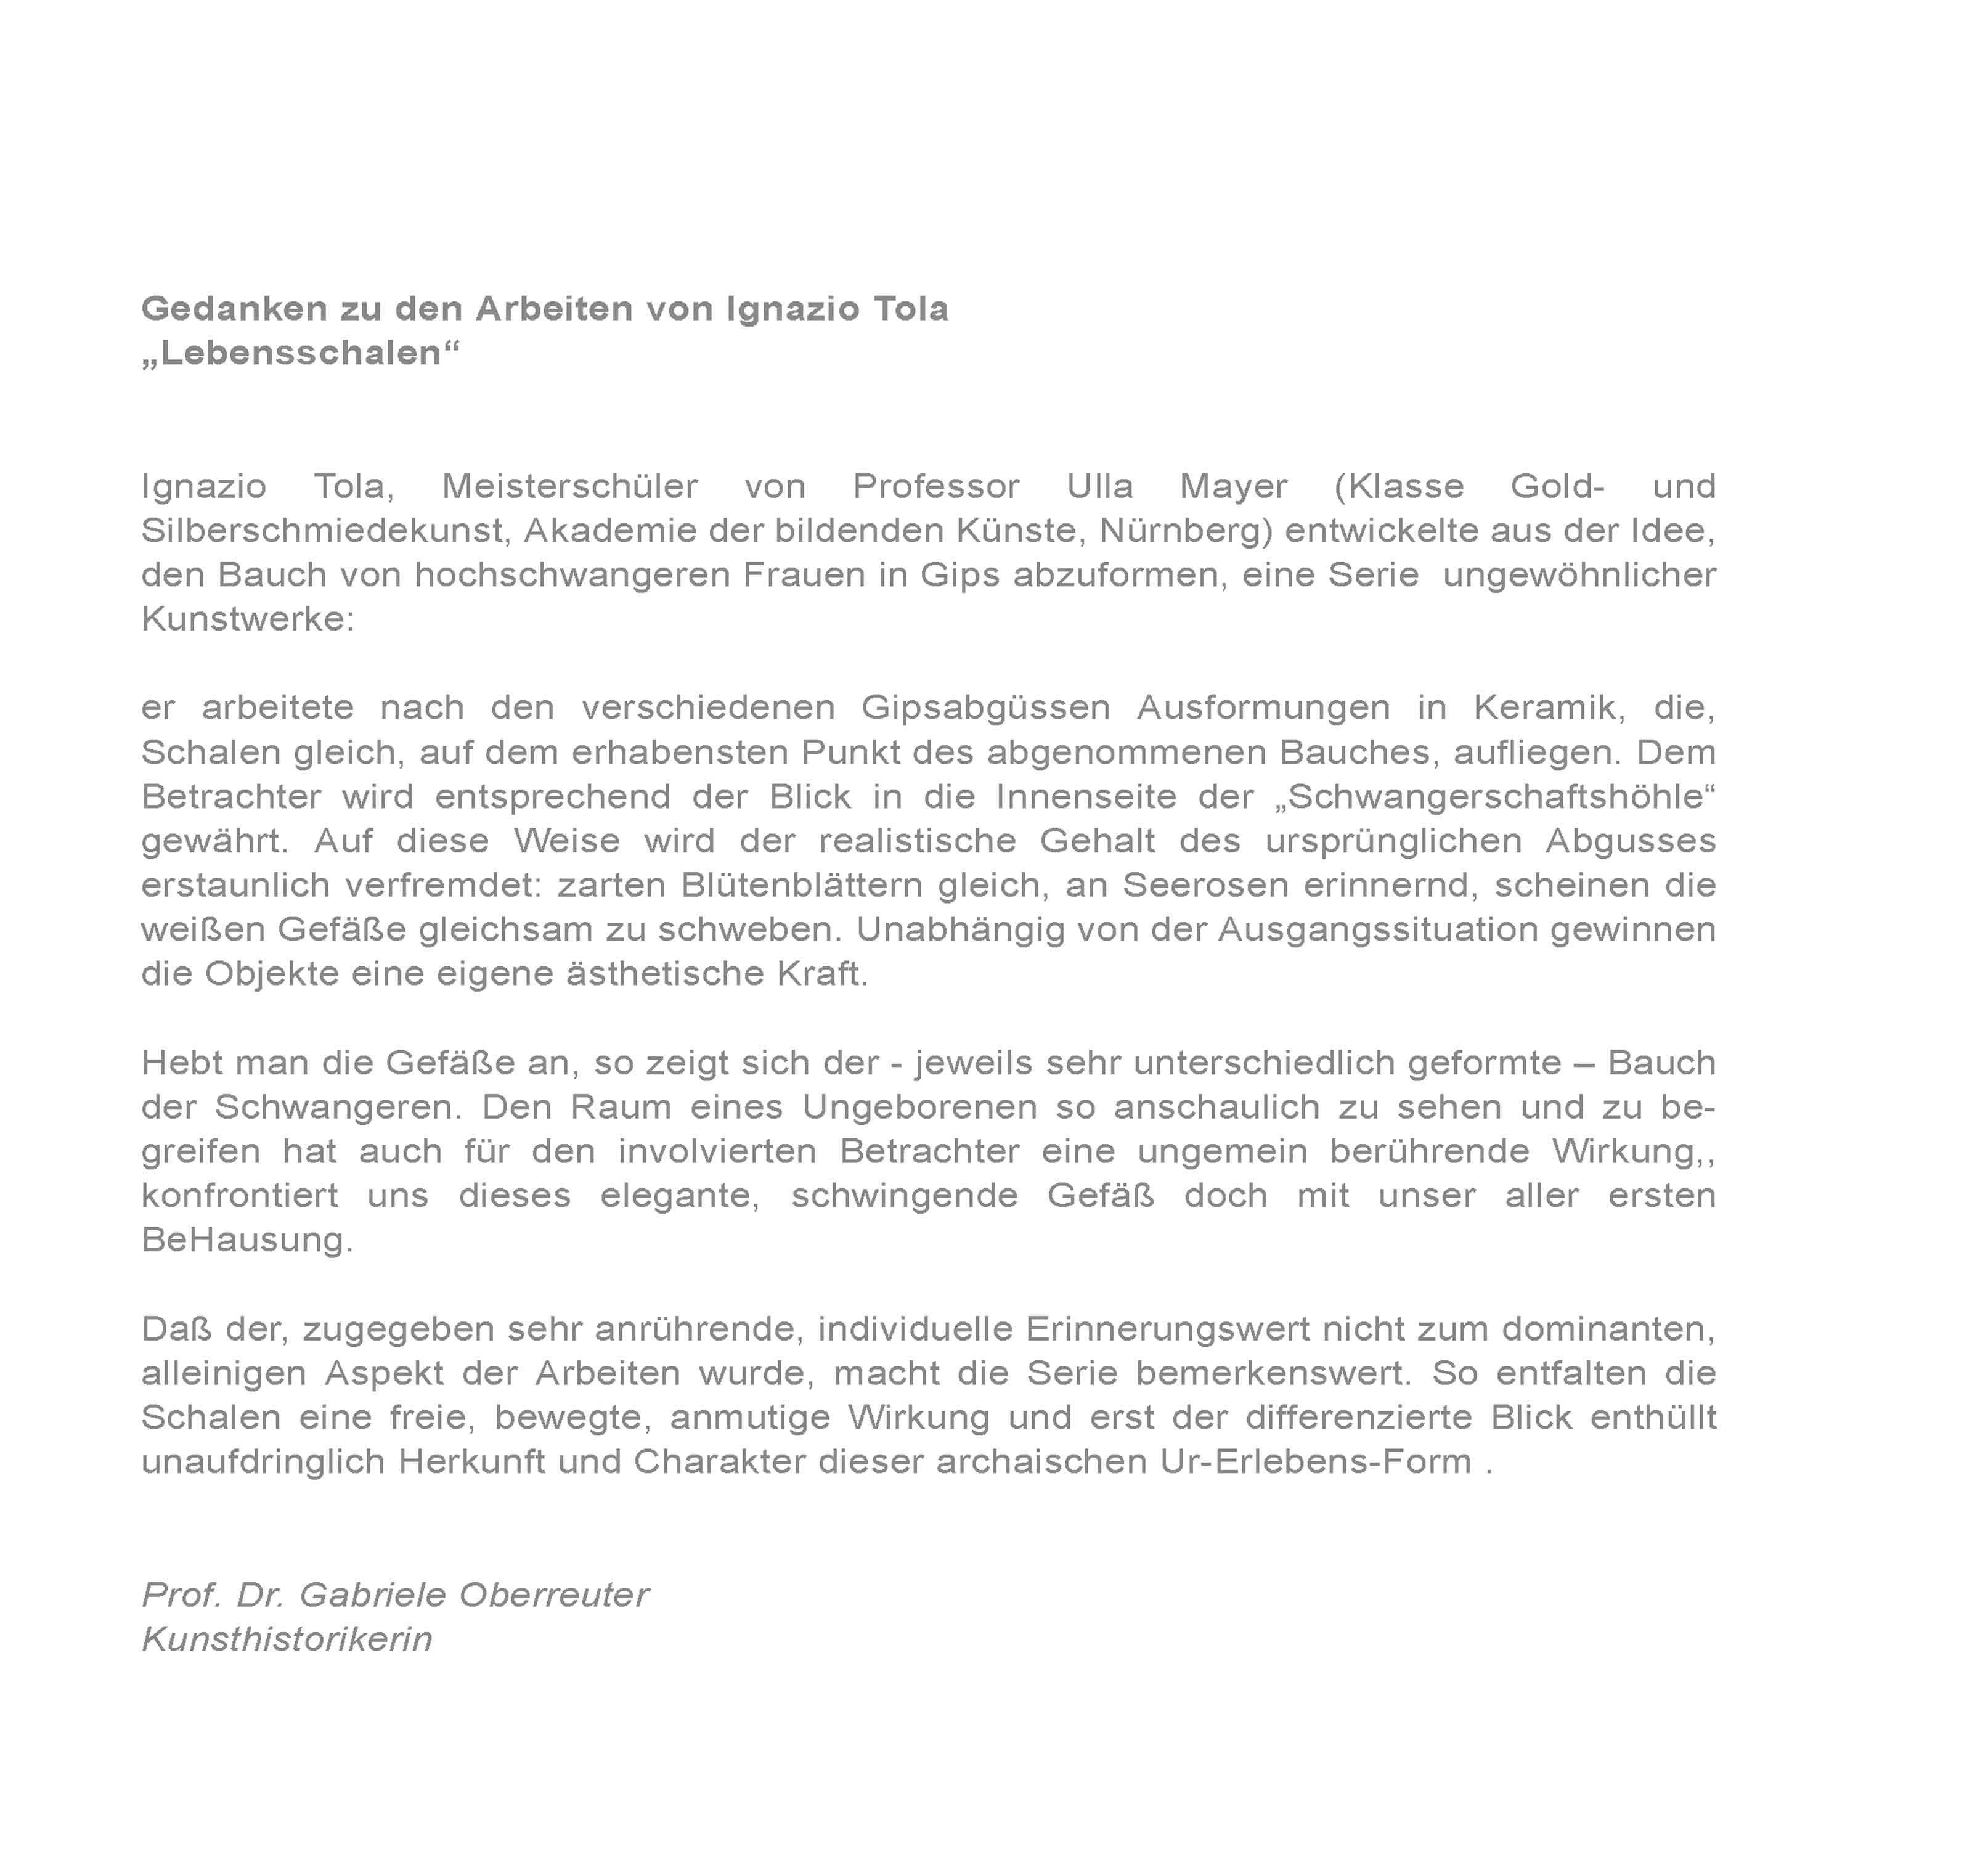 Prof.Dr.GabrieleOberreuter-